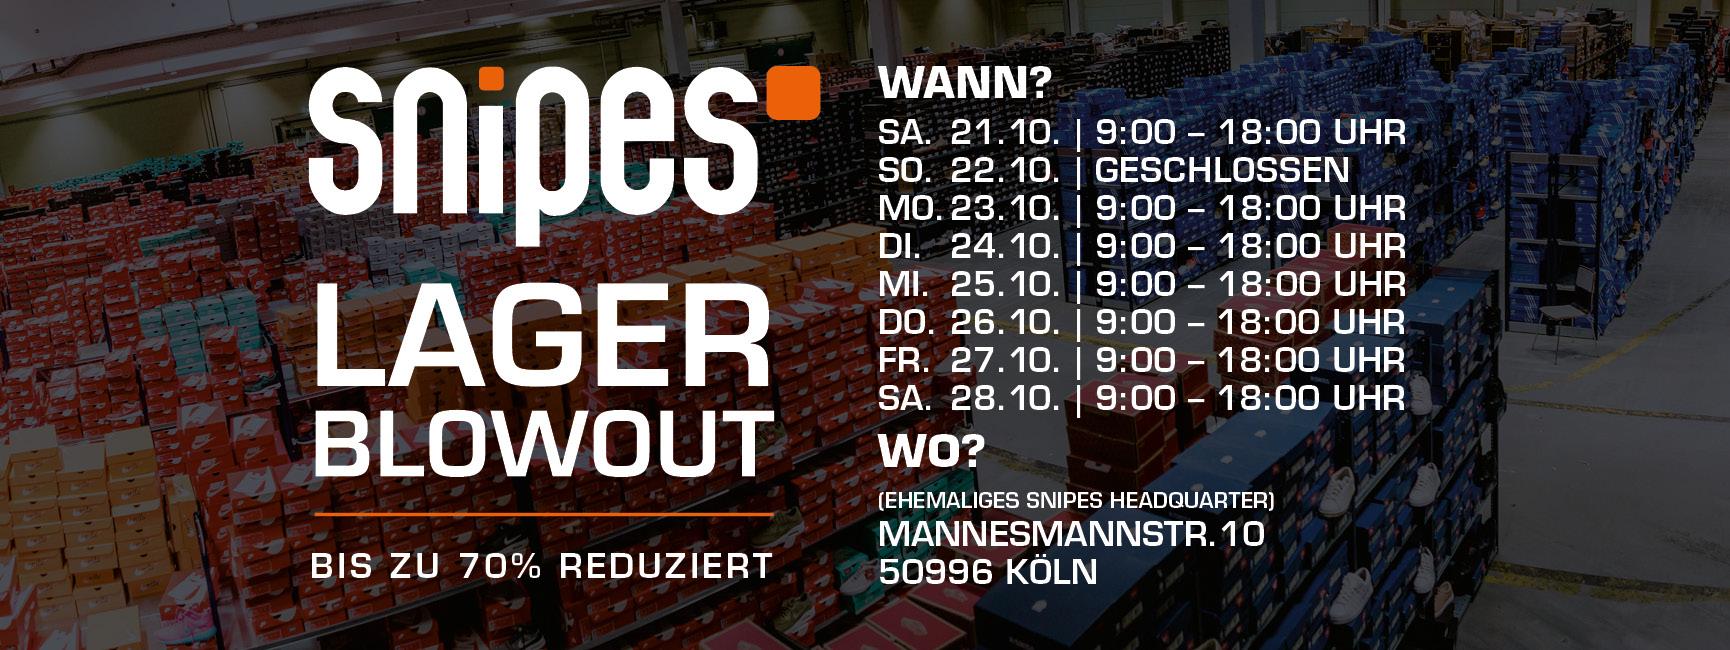 [Köln] Snipes Lager Blowout vom 21.10. - 28.10.17 - bis zu 70% Rabatt